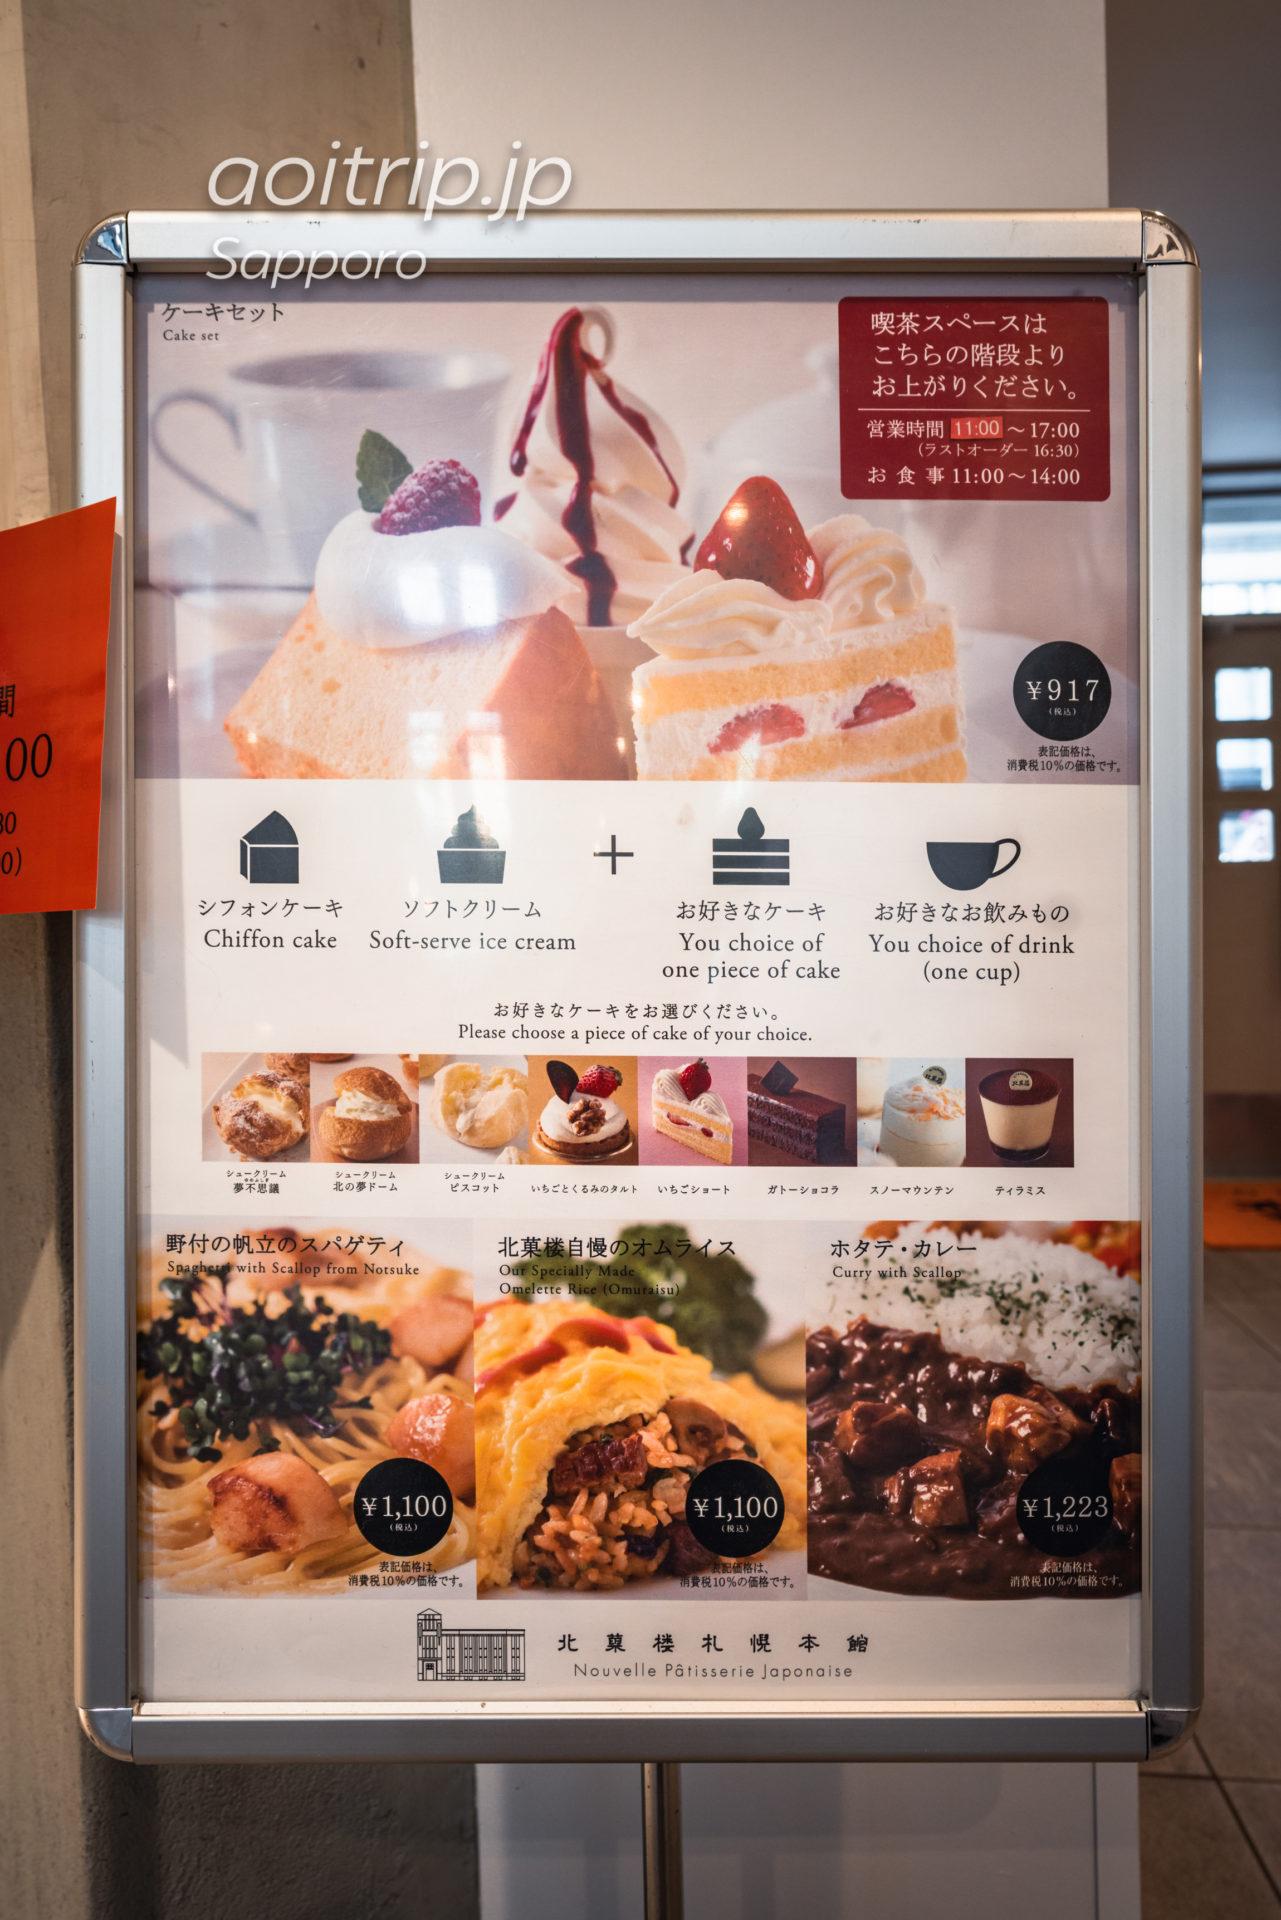 北菓楼 札幌本館|Kitakaro Sapporo Honkan 北菓楼カフェのメニュー